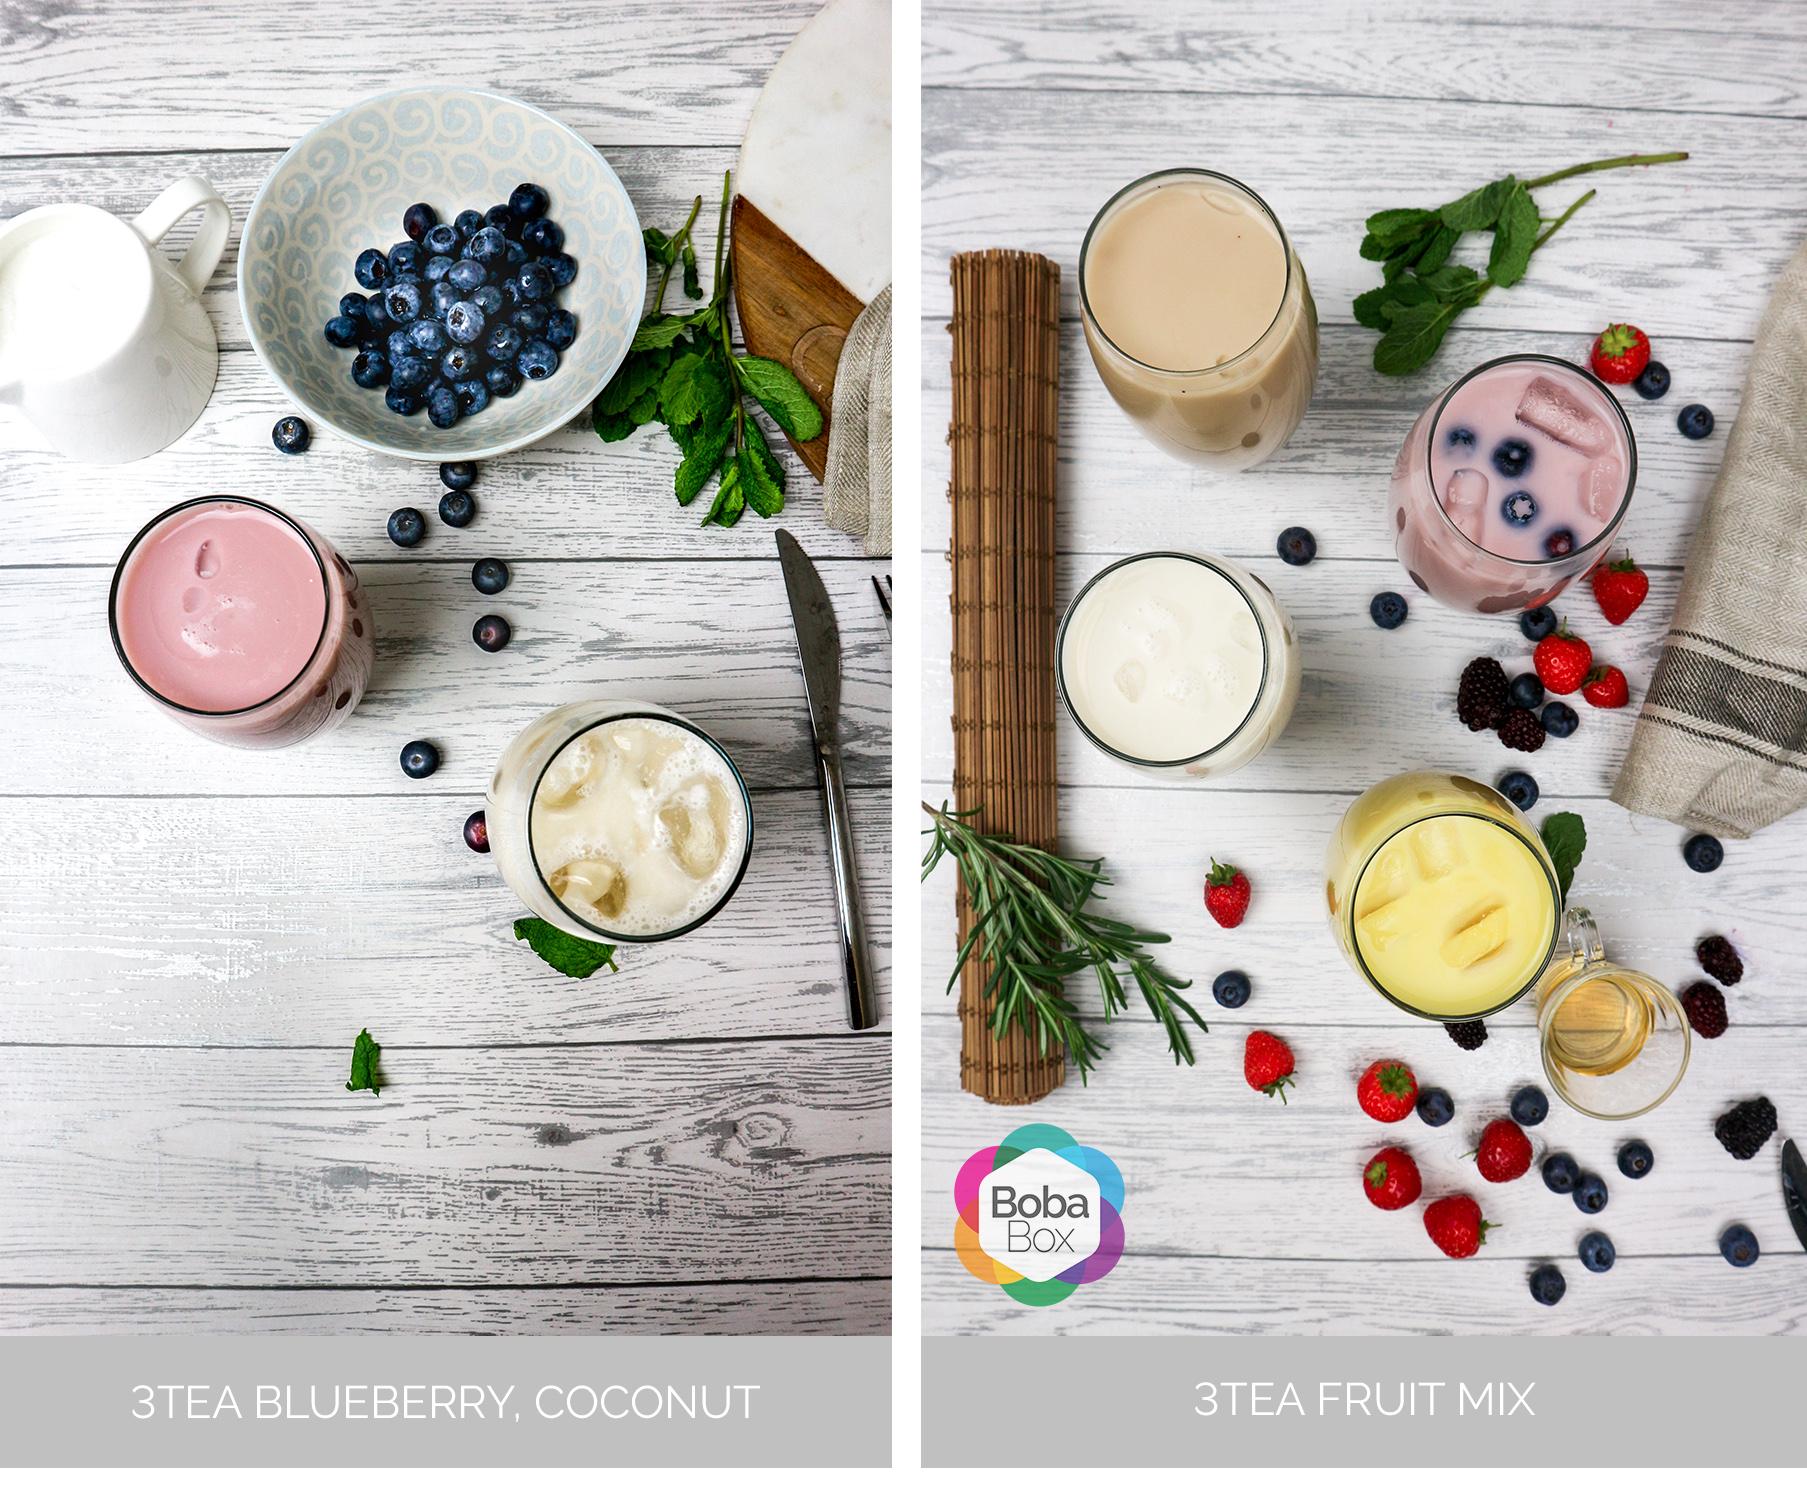 3TEA Fruit Mix